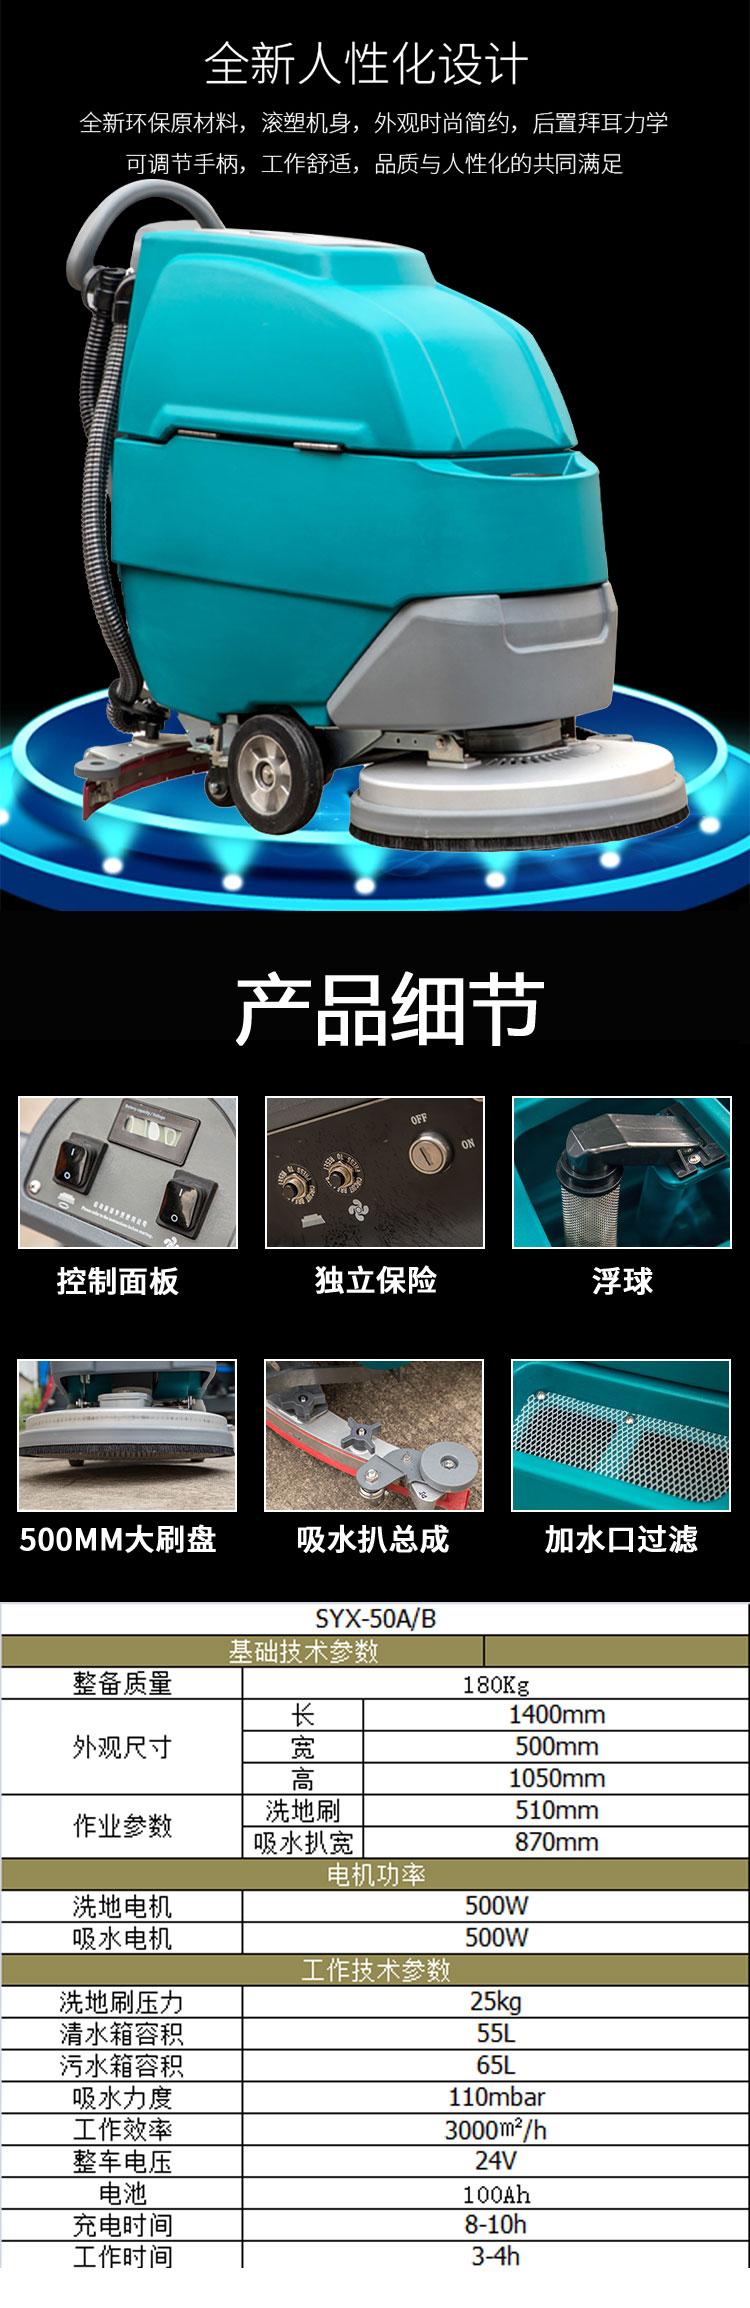 尚勇SYX-50A电动手推式智能洗地机